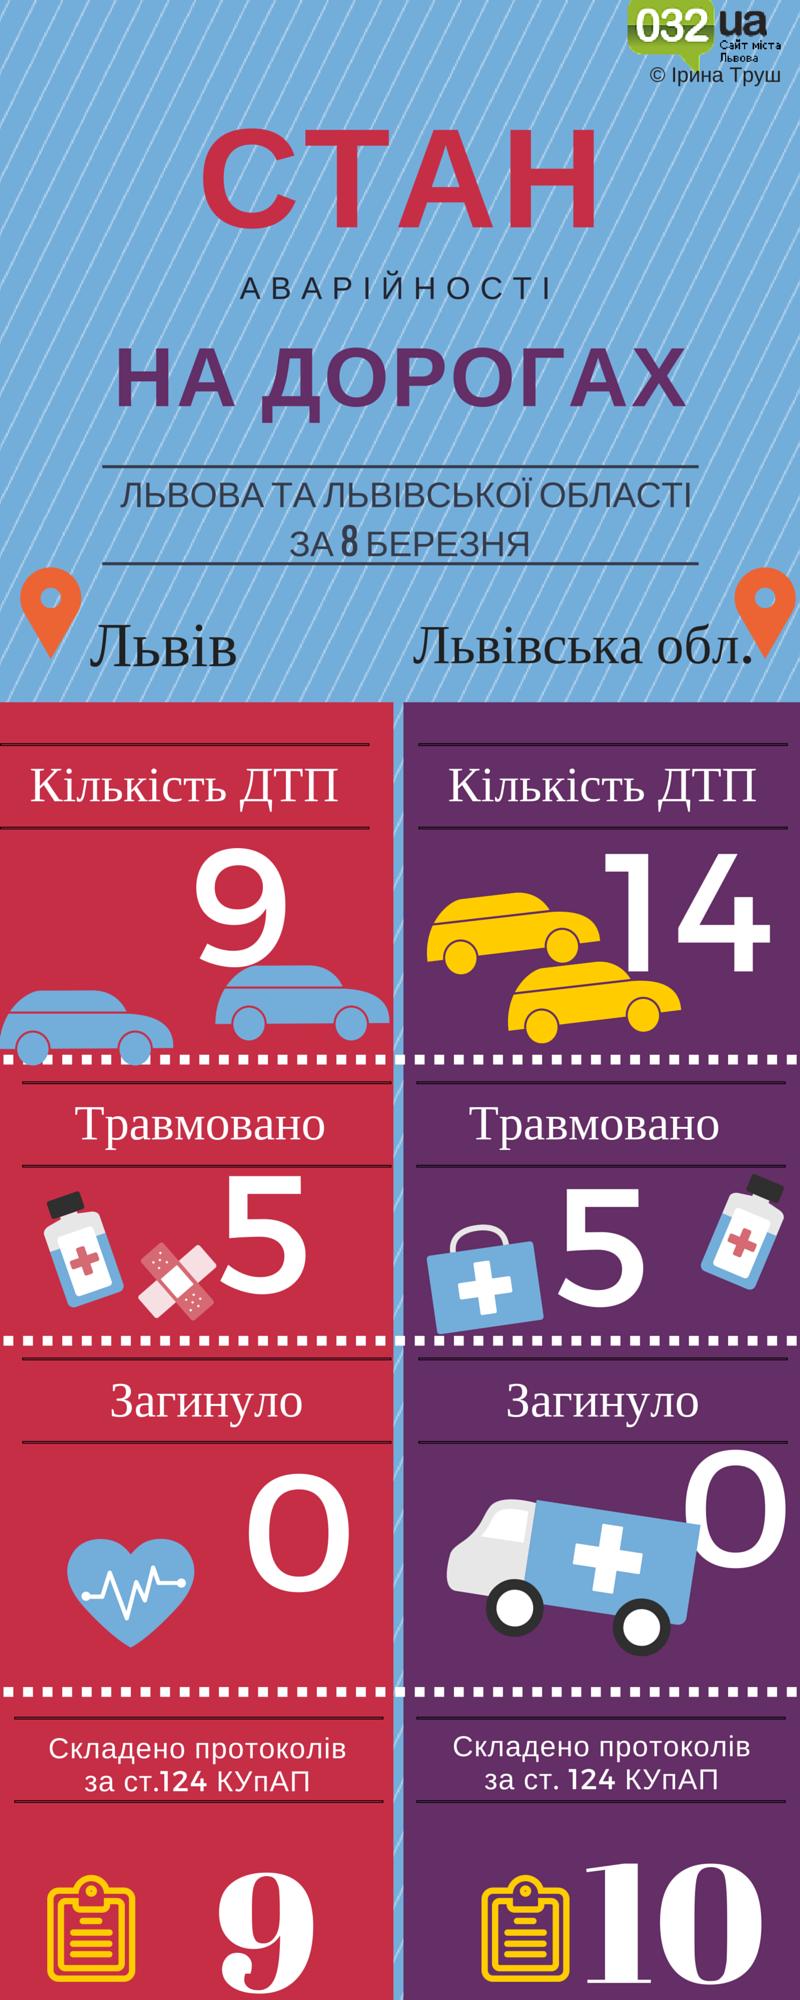 Cкільки ДТП сталося у Львові та в області 8 березня: інфографіка (фото) - фото 1